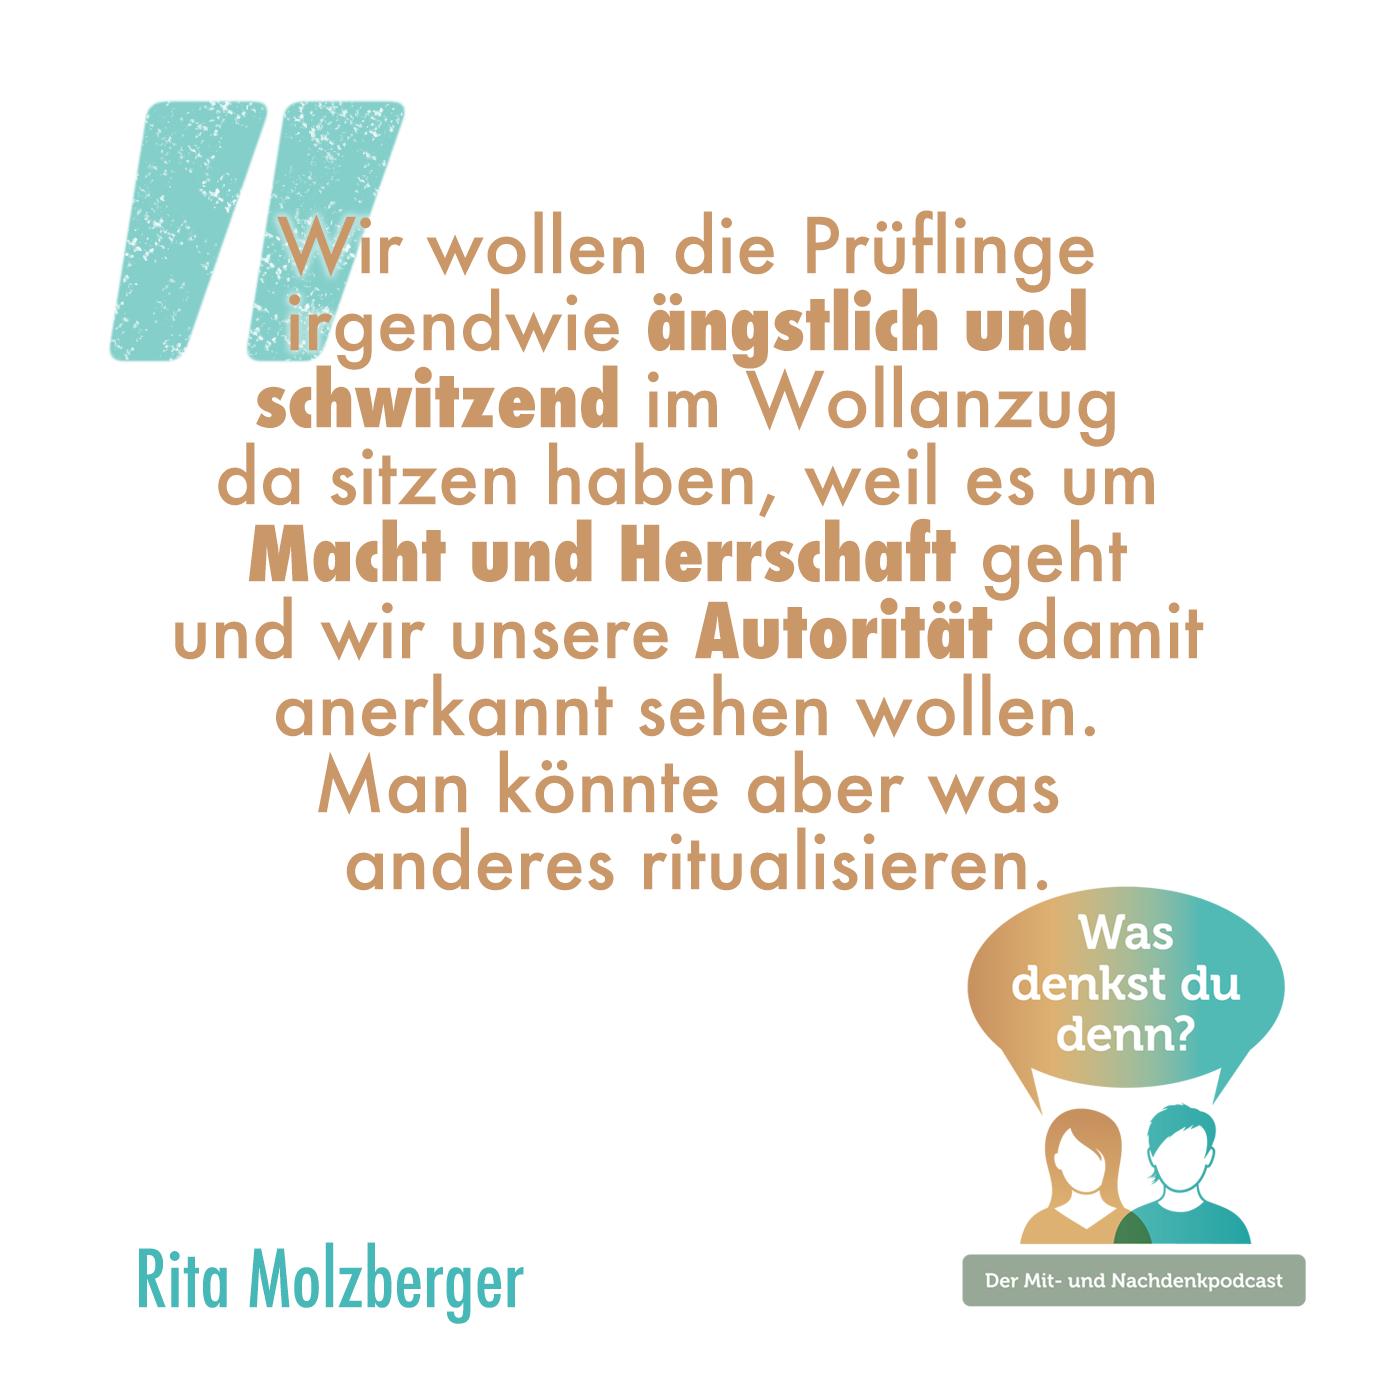 """Zitat von Rita: """"Wir wollen die Prüflinge irgendwie ängstlich und schwitzend im Wollanzug sitzen haben, weil es um Macht und Herrschaft geht und wir unsere Autorität damit anerkannt sehen wollen. Man könnte aber was anderes ritualisieren."""""""